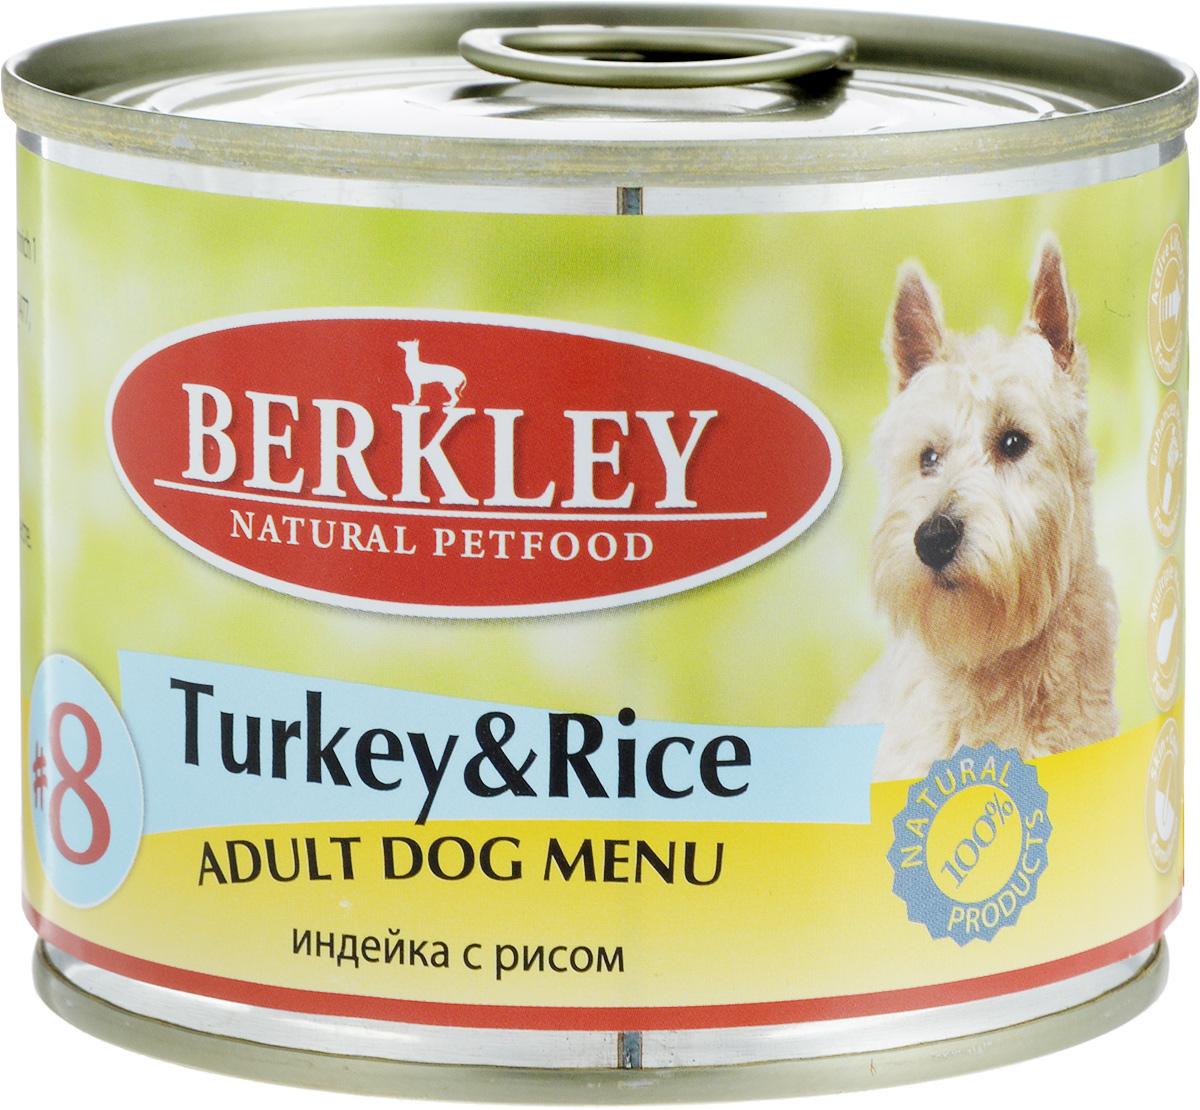 Консервы для собак Berkley №8, индейка с рисом, 200 г57477/75003Консервы Berkley №8 - полноценное консервированное питание для собак. Не содержат сои, консервантов, искусственных красителей и ароматизаторов. Корм полностью удовлетворяет ежедневные энергетические потребности животного и обеспечивает оптимальное функционирование пищеварительной системы.Товар сертифицирован.